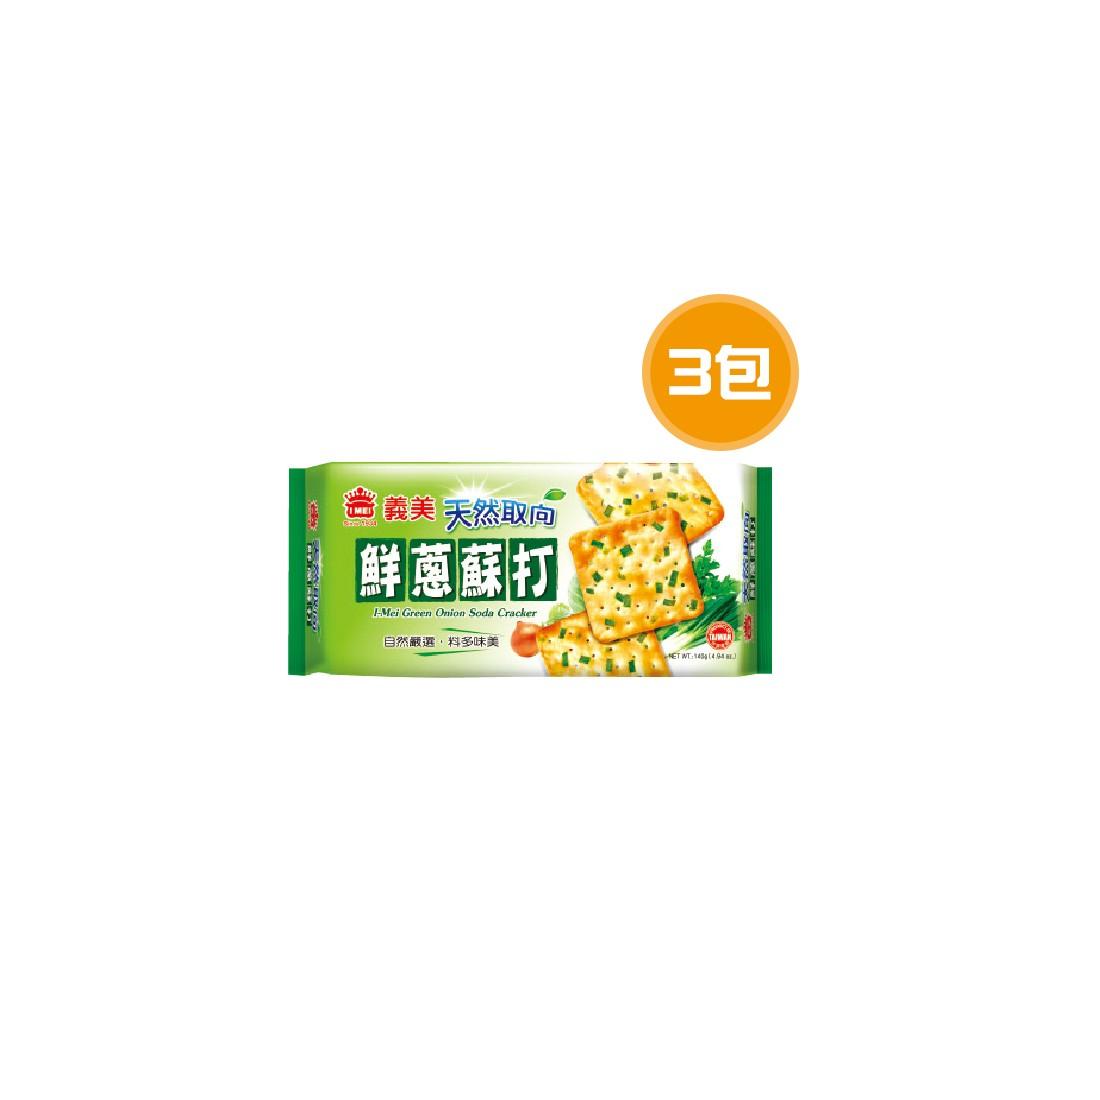 麗仕精油香氛沐浴乳媚惑幽香 4瓶(1000ml/瓶)